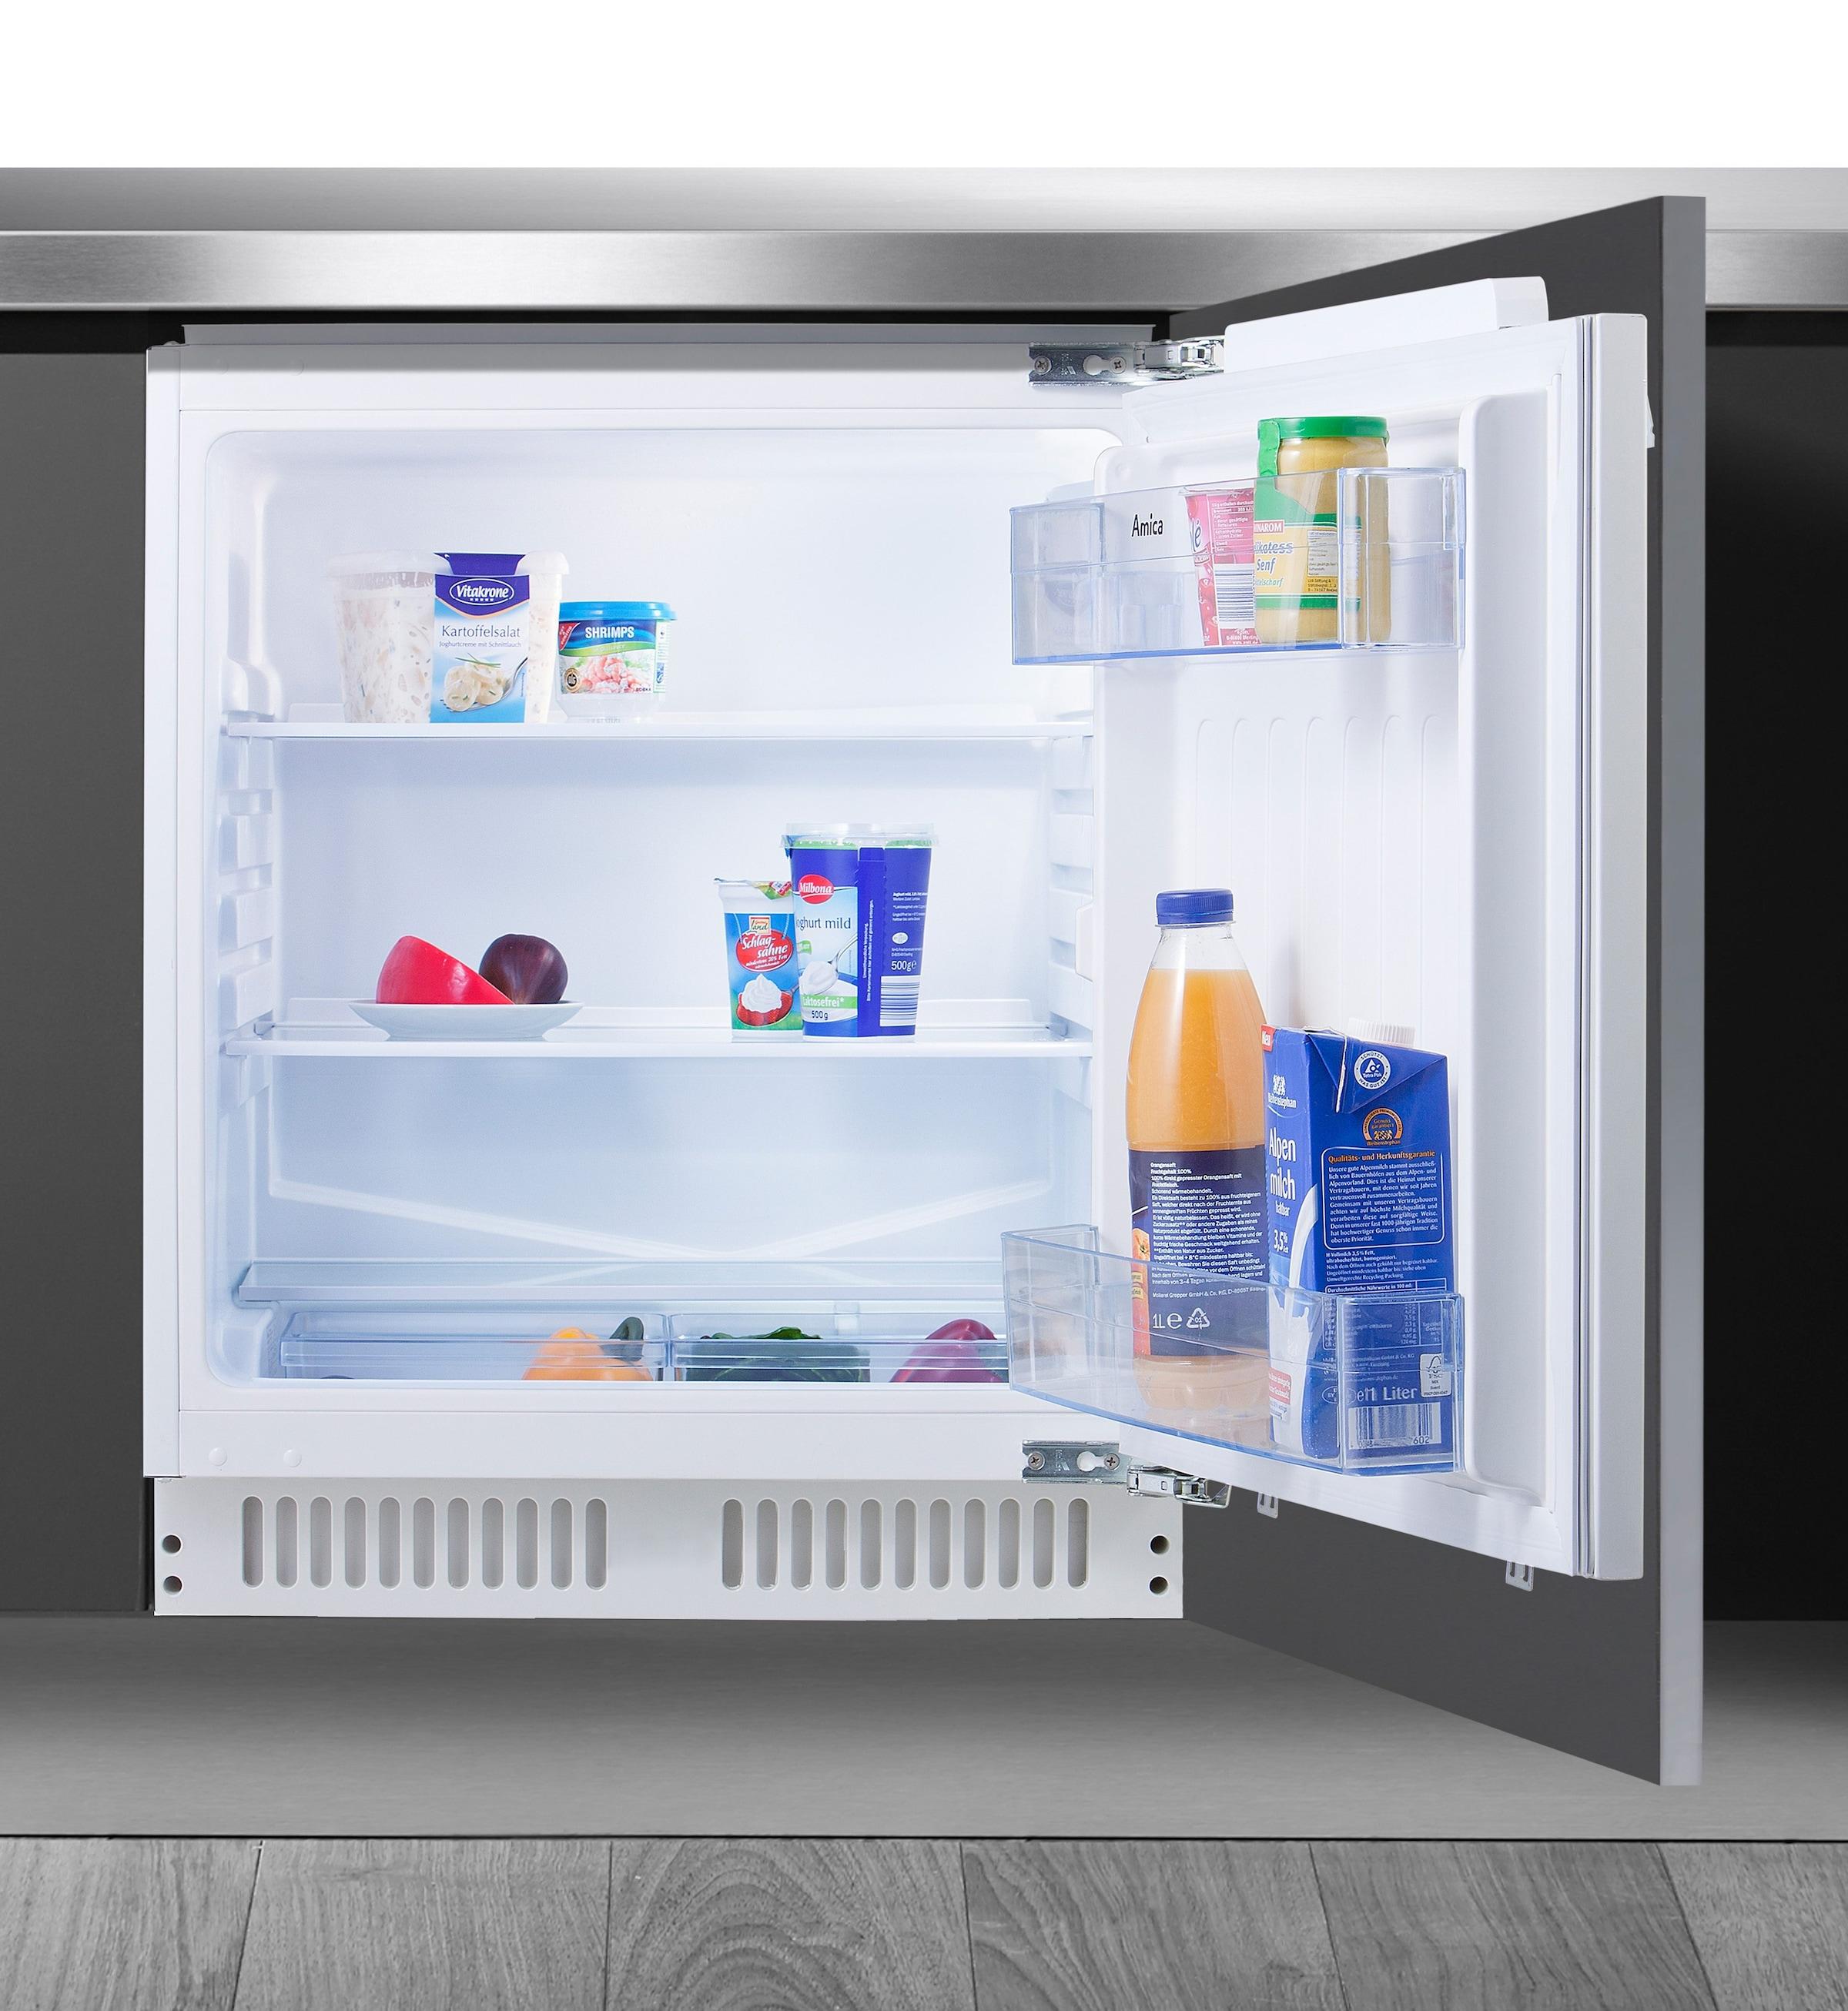 Amica Unterbau Kühlschrank 50 Cm : Amica retro kühlschrank schwarz a l gefrierfach automatsiches